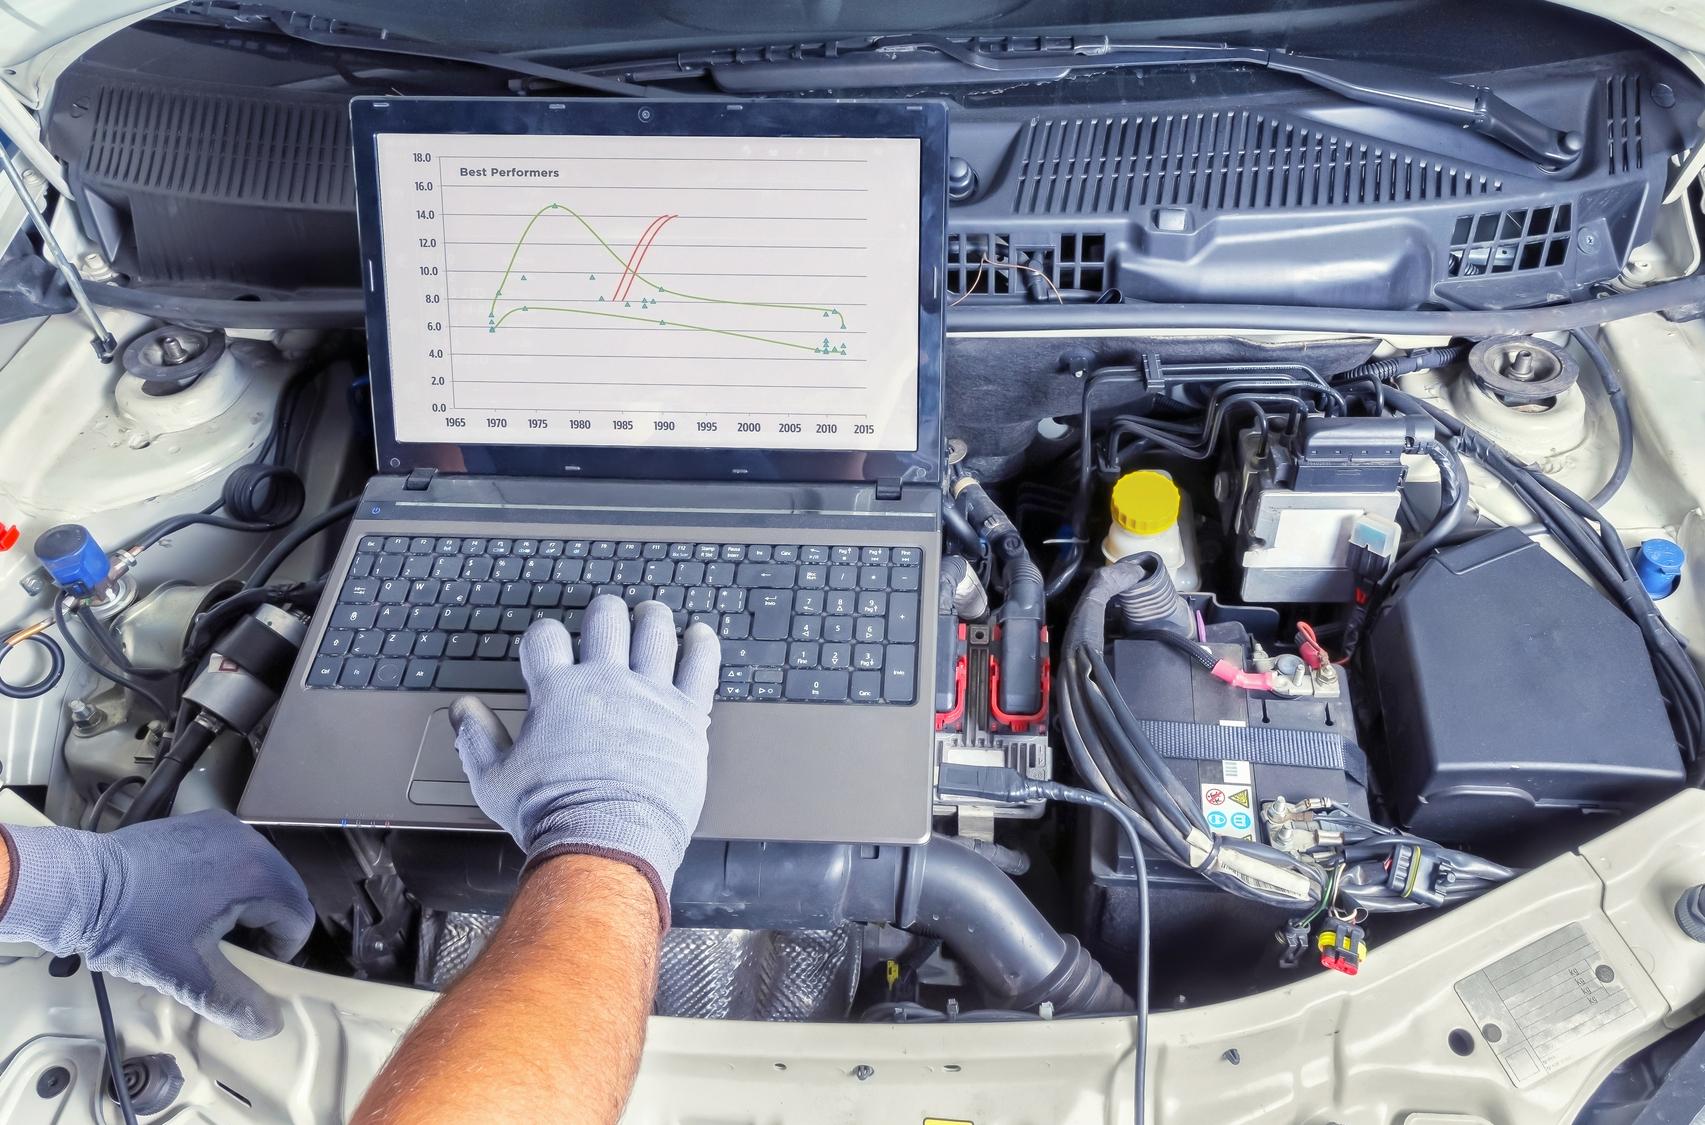 Как сделать компьютерную диагностику автомобиля с помощью ноутбука